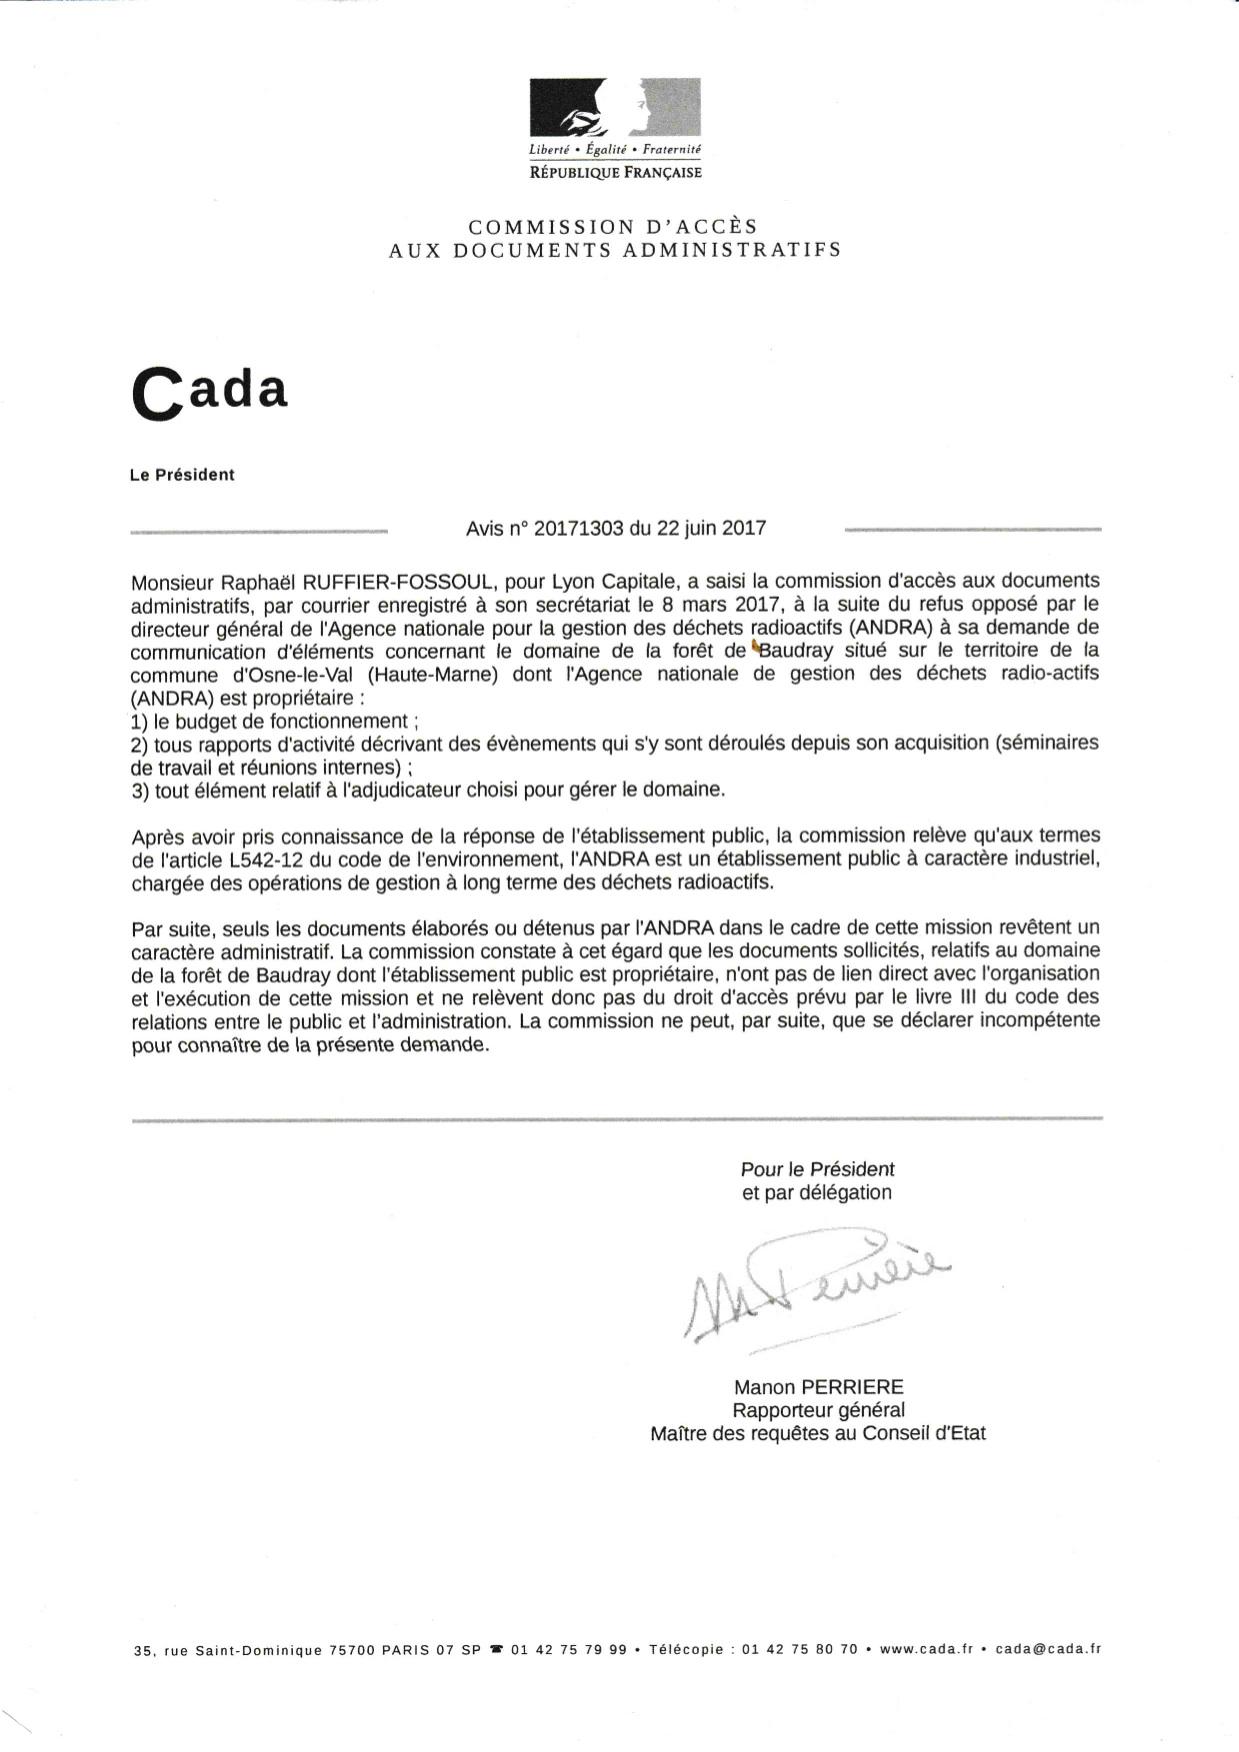 Réponse de la Cada à notre demande concernant le domaine de Baudray.